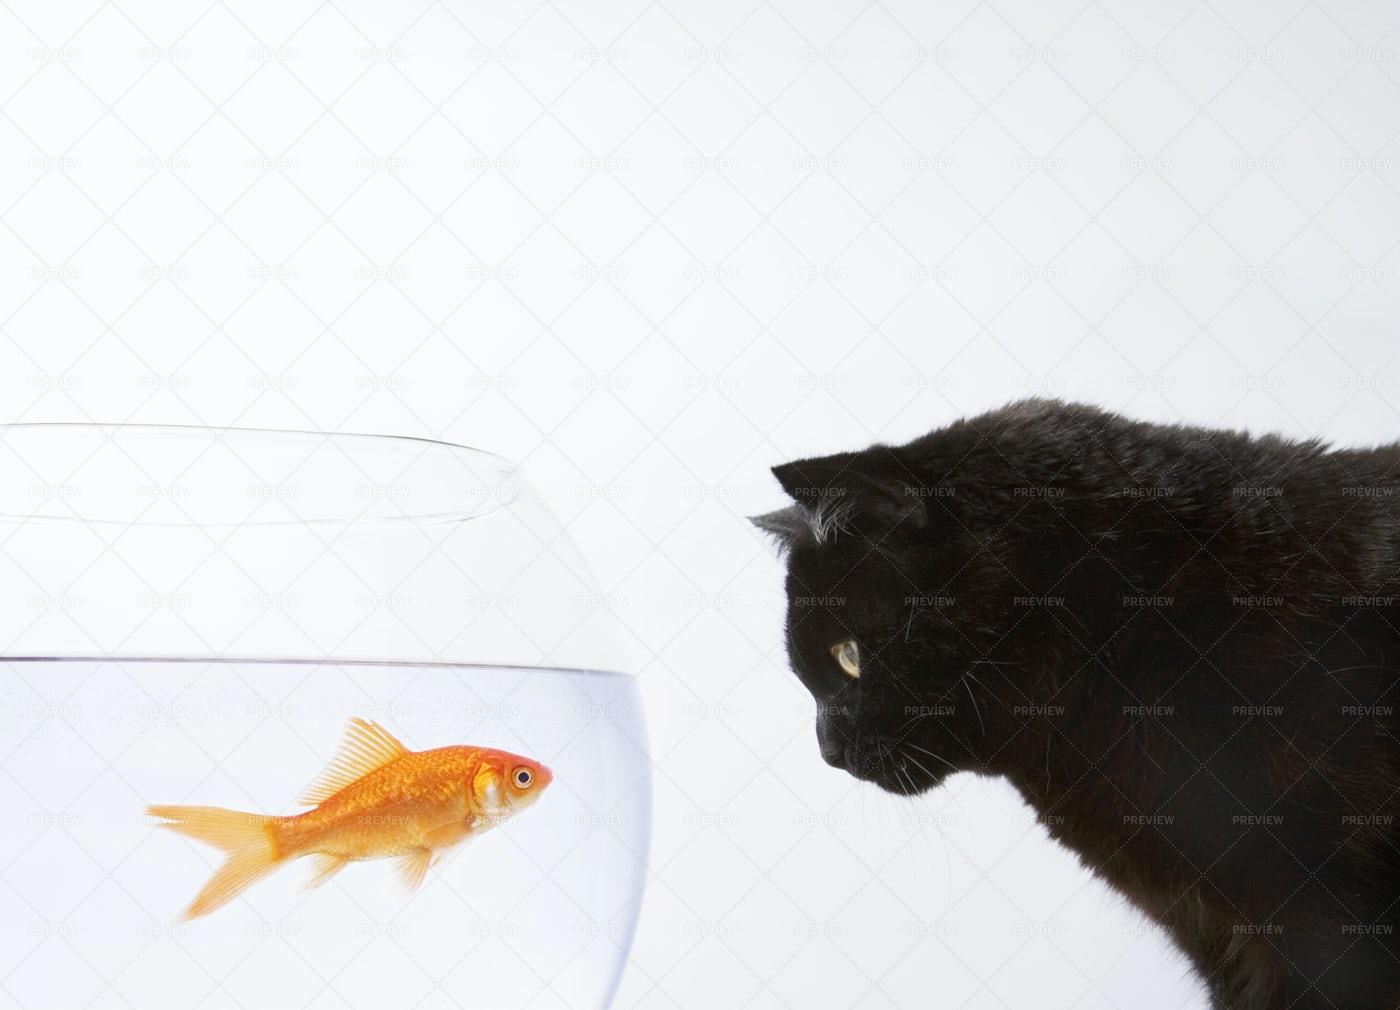 Cat Staring At A Goldfish: Stock Photos